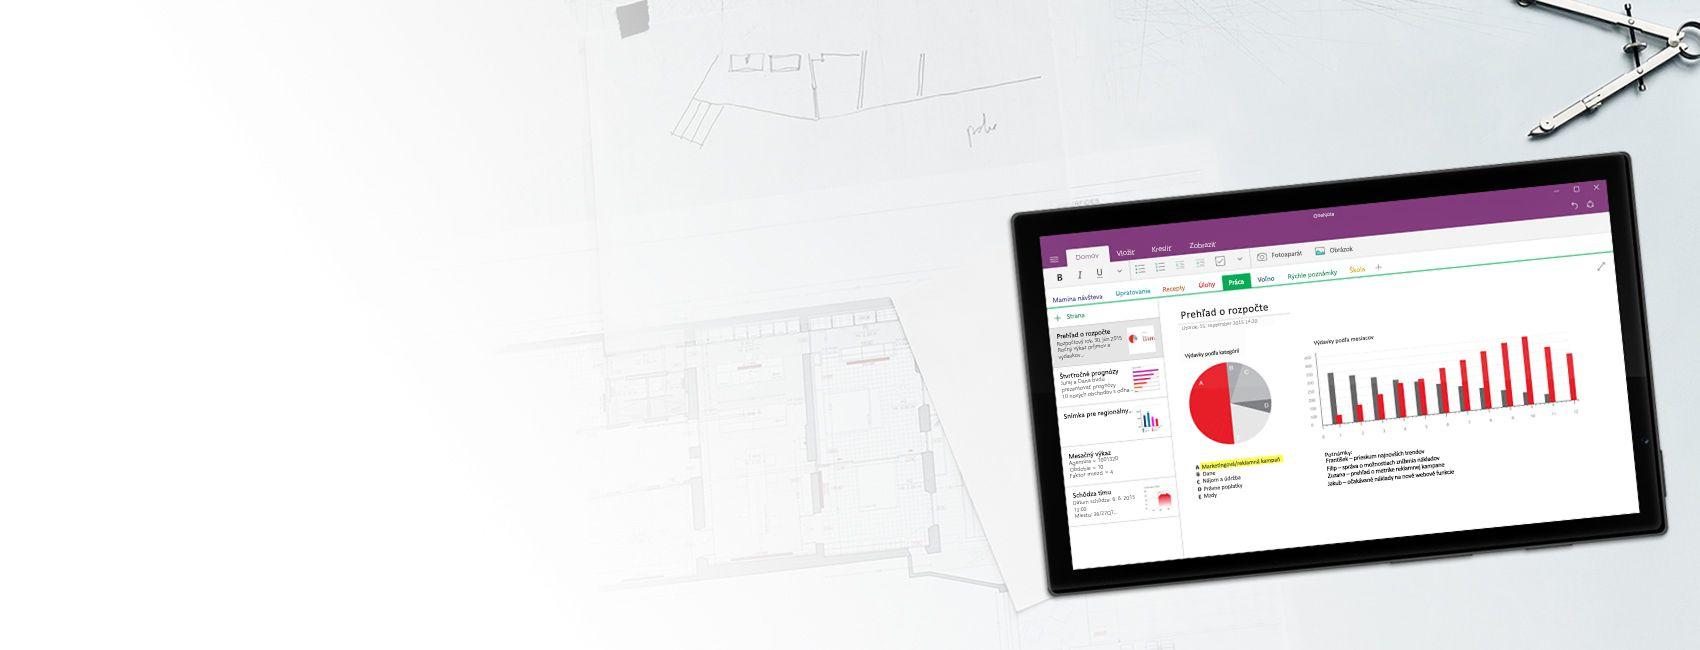 Tablet sWindowsom zobrazujúci poznámkový blok vo OneNote sprehľadom orozpočte vo forme tabuliek agrafov